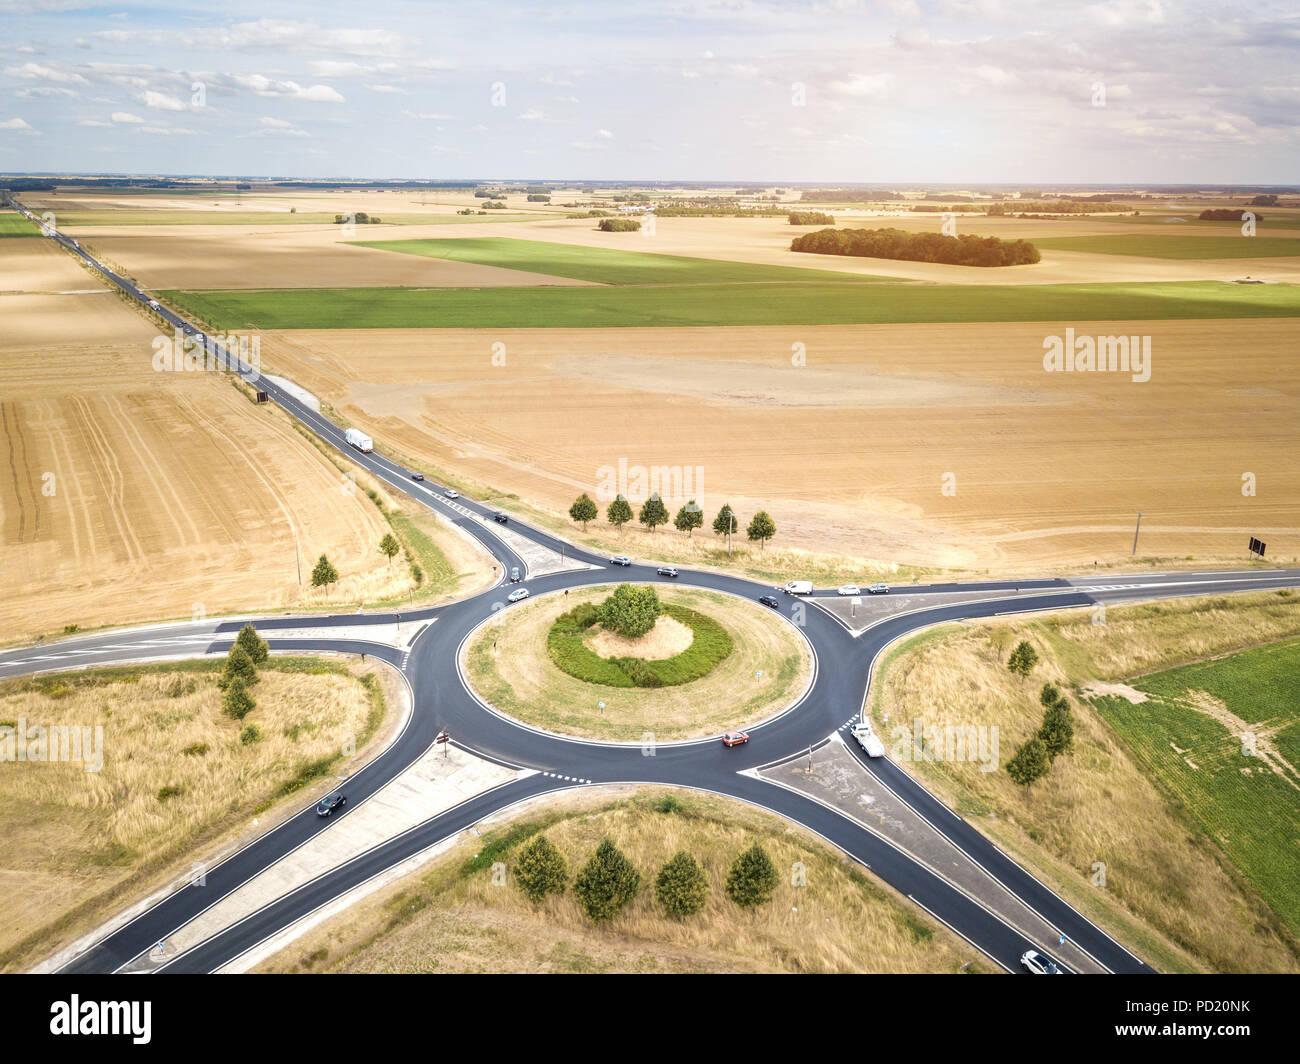 Kreisverkehr drone Luftaufnahme mit Fahrzeugen kreisen um den Kreisverkehr Lane, Frankreich Land rural Road Transport, Sommertag, Autos ein Stockbild